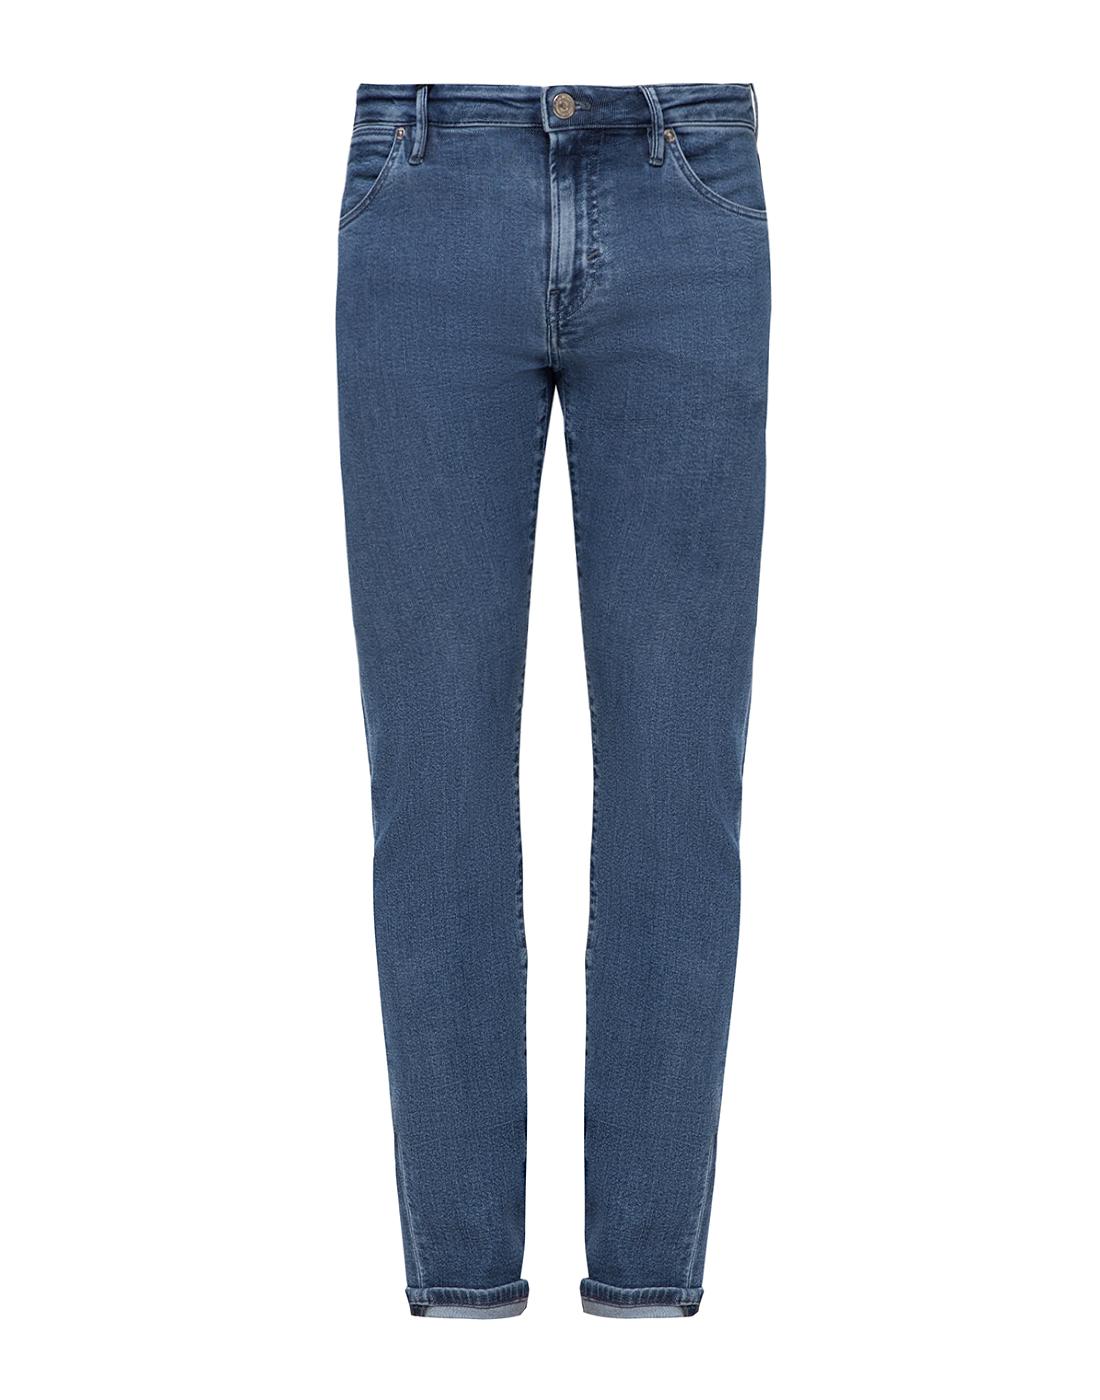 Мужские синие джинсы SOUL PT SOA11 MC35-1